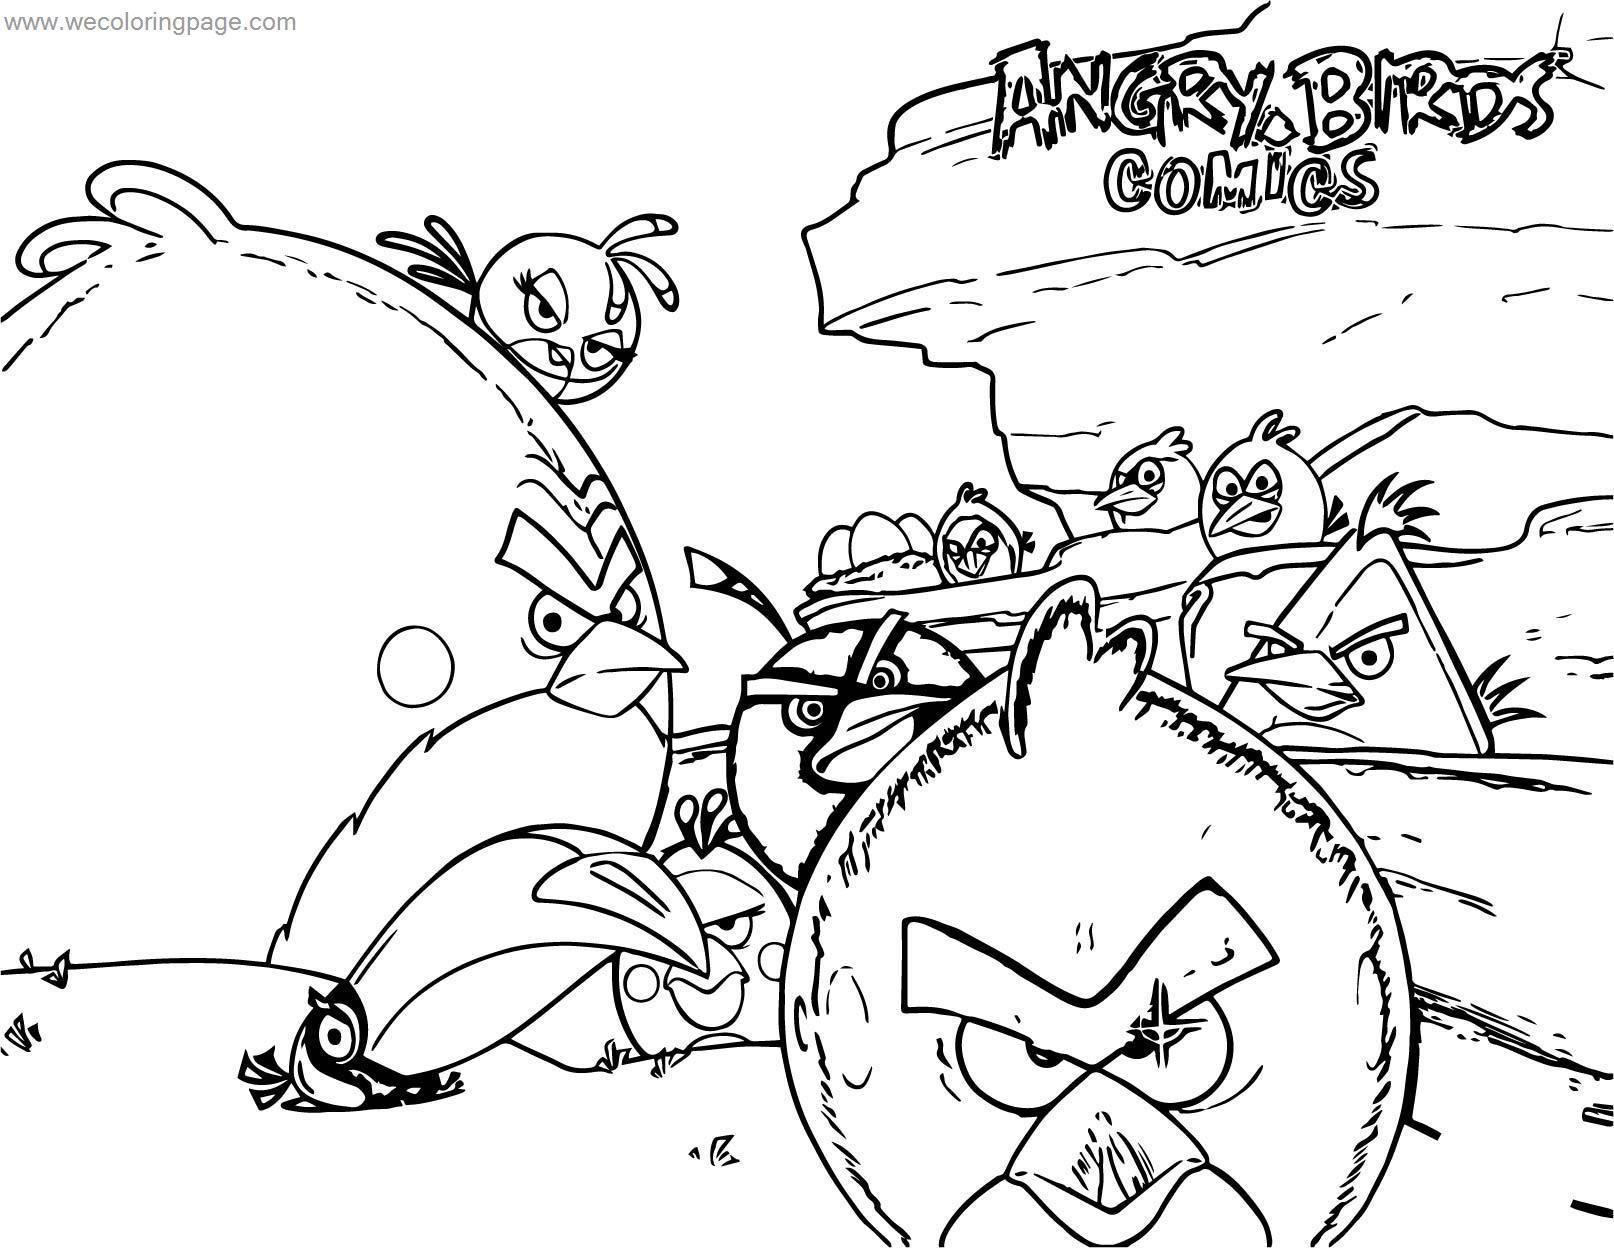 Angry Birds Comics Idw Rovio wecoloringpage.com Coloring Page